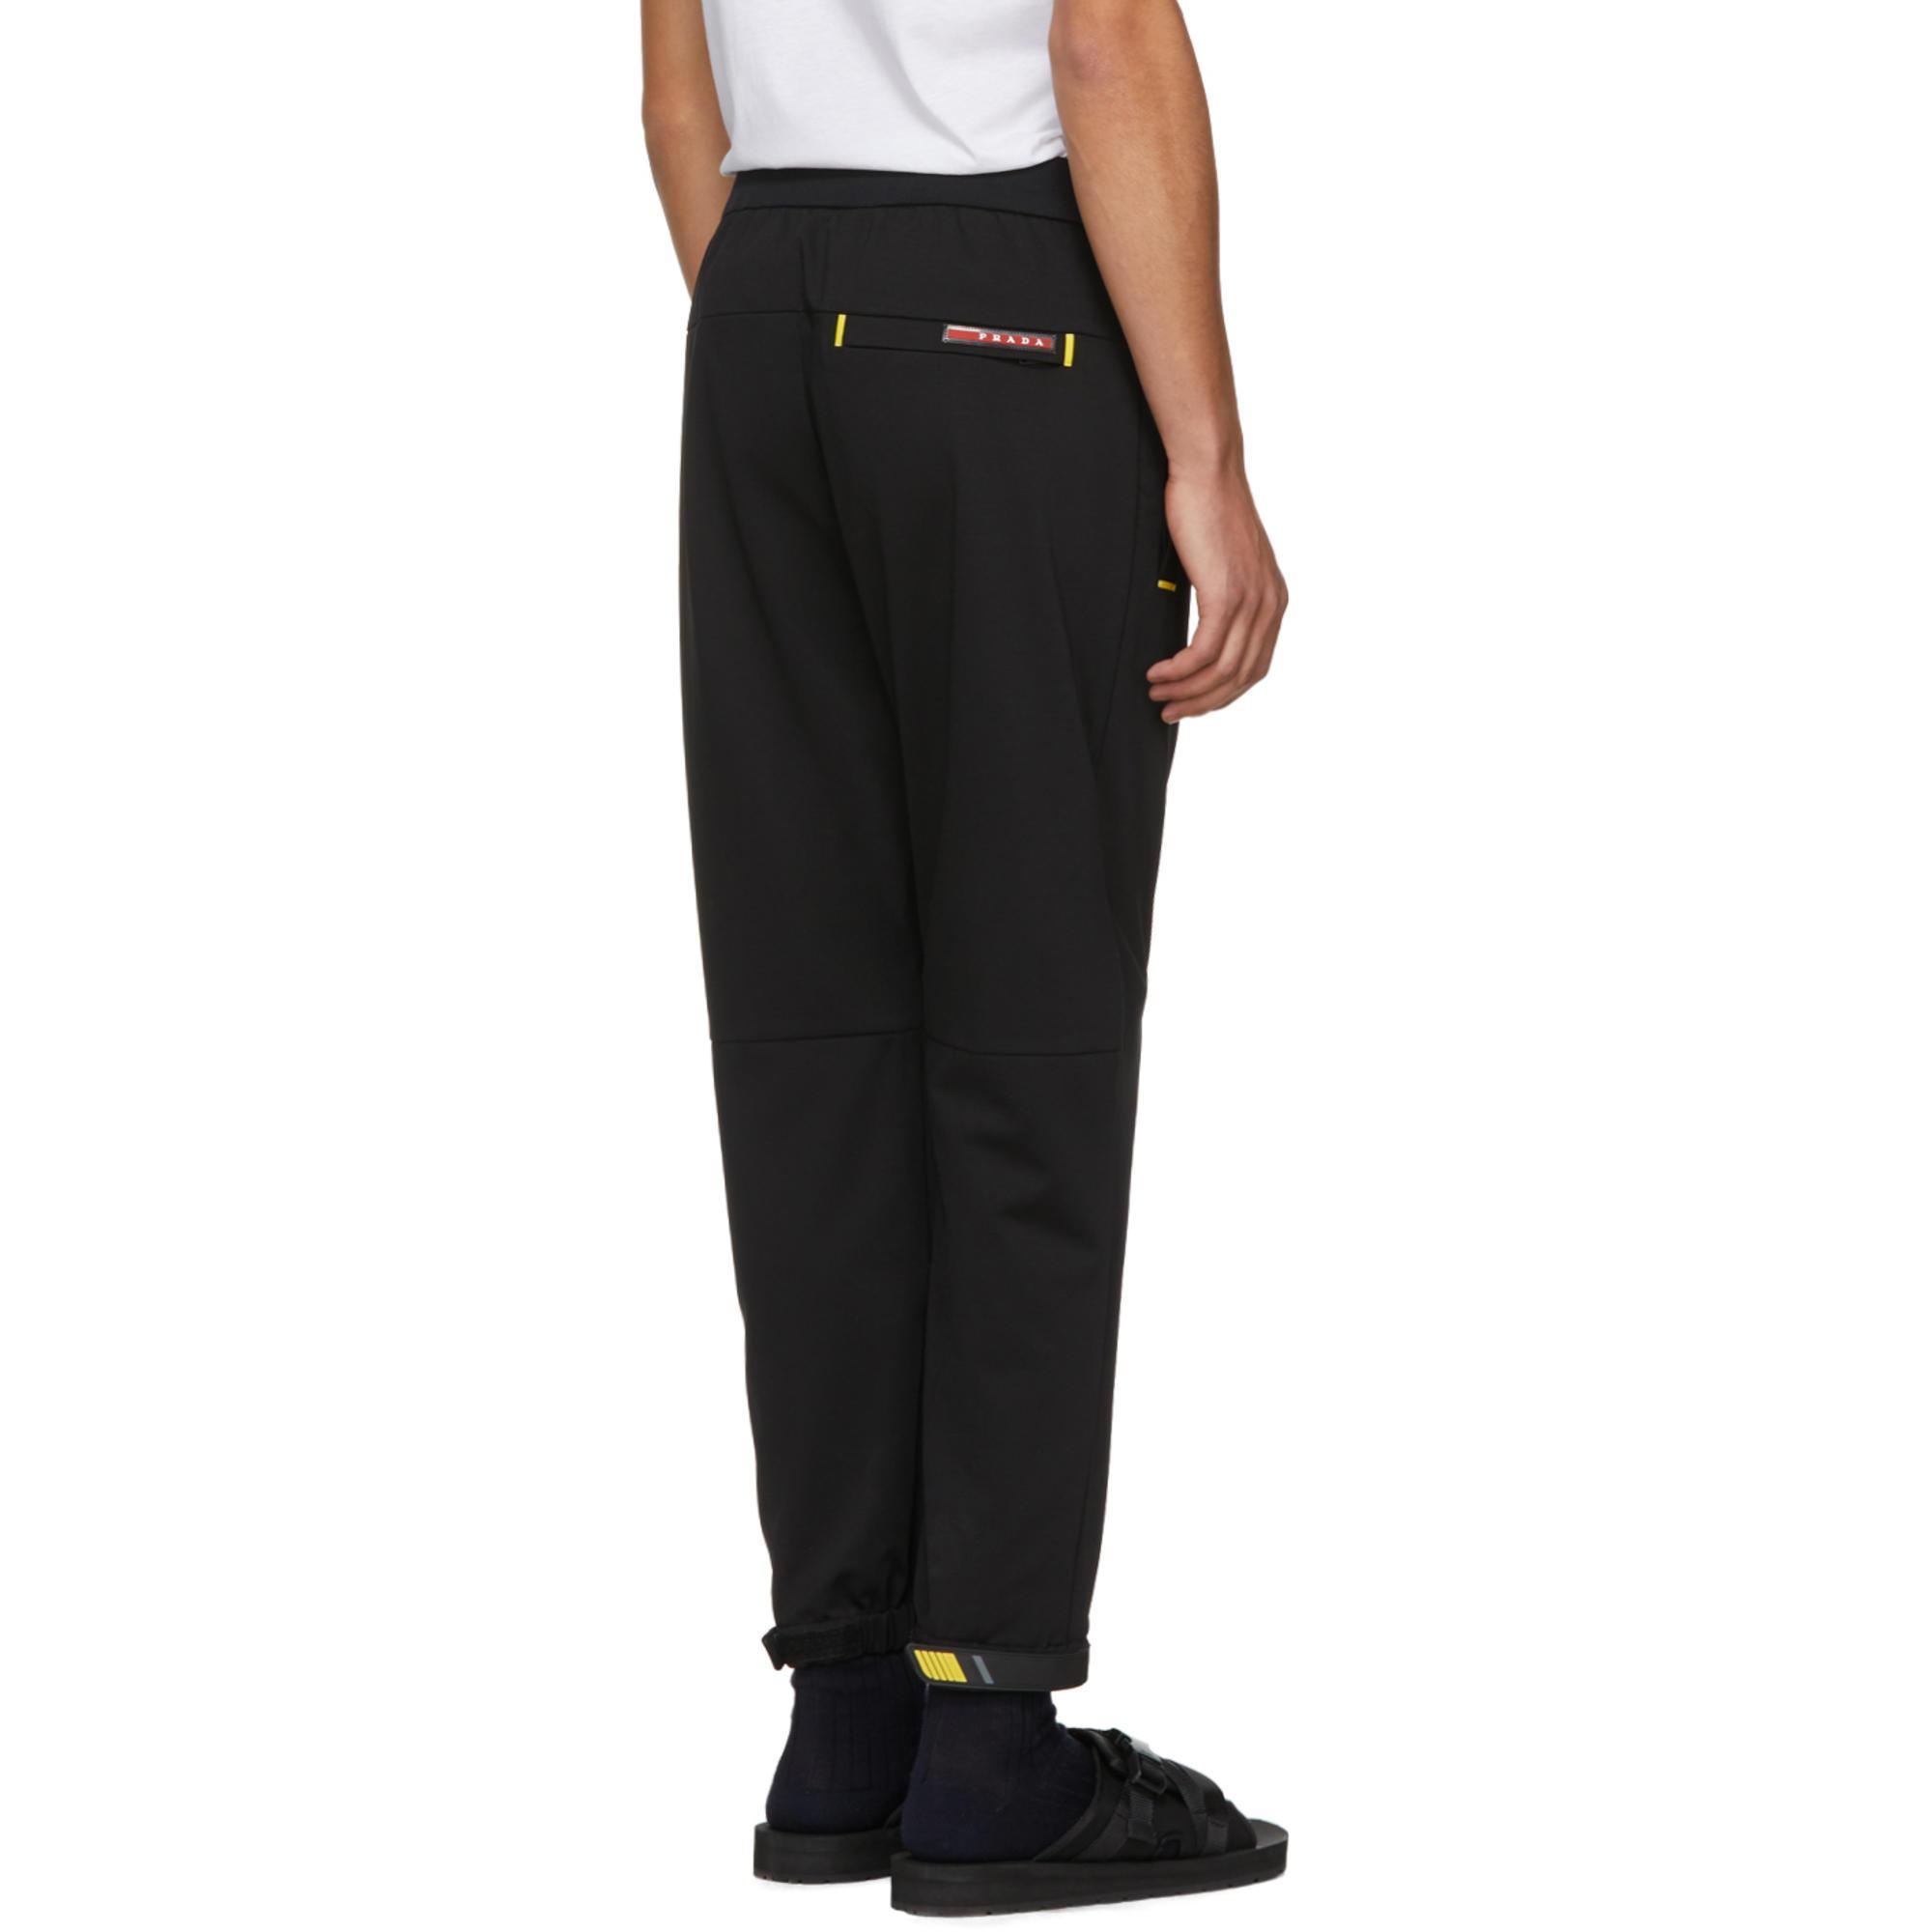 Lyst - Pantalon de survetement noir et jaune Tech Prada pour homme ... 14dda4555e5